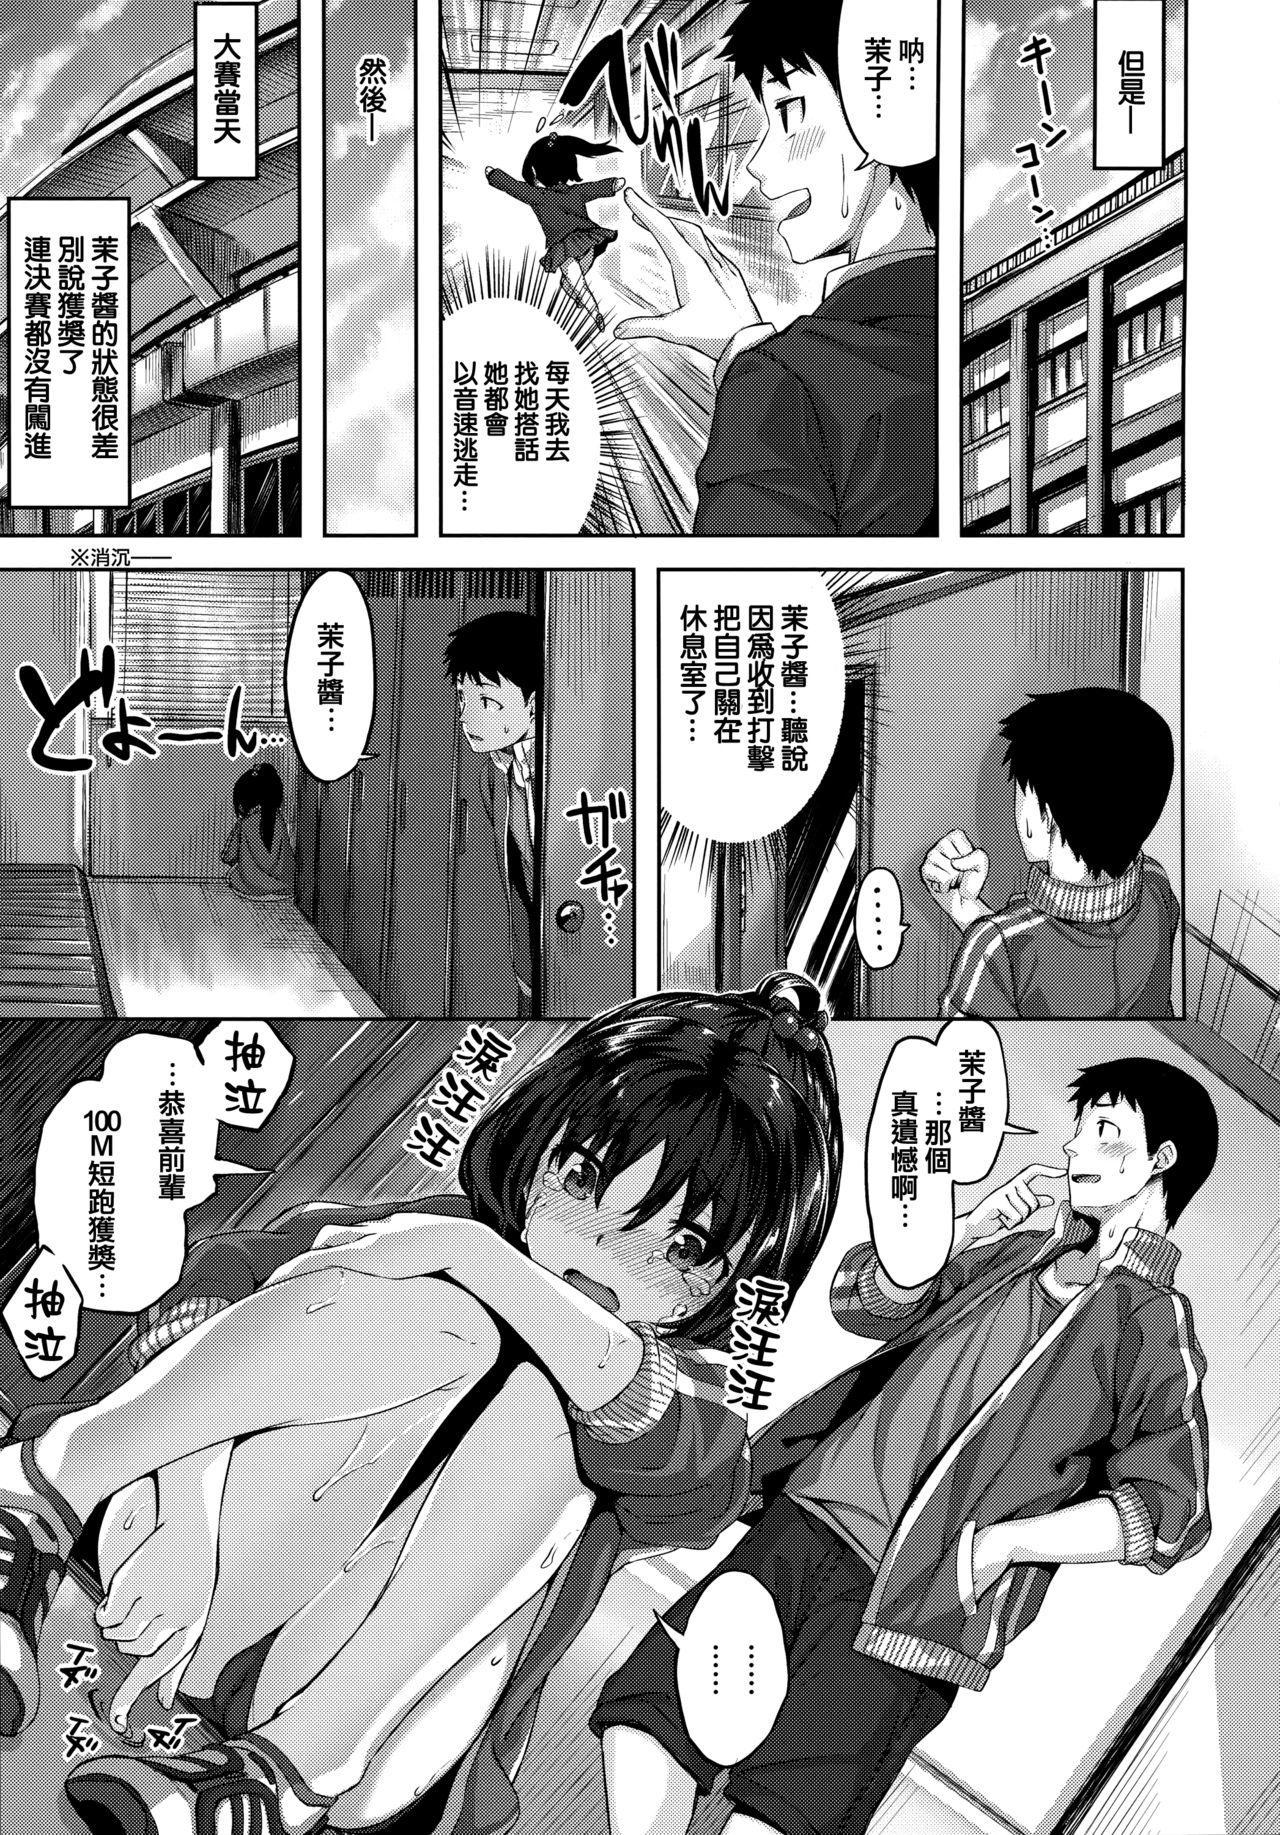 Zutto Daisuki 85